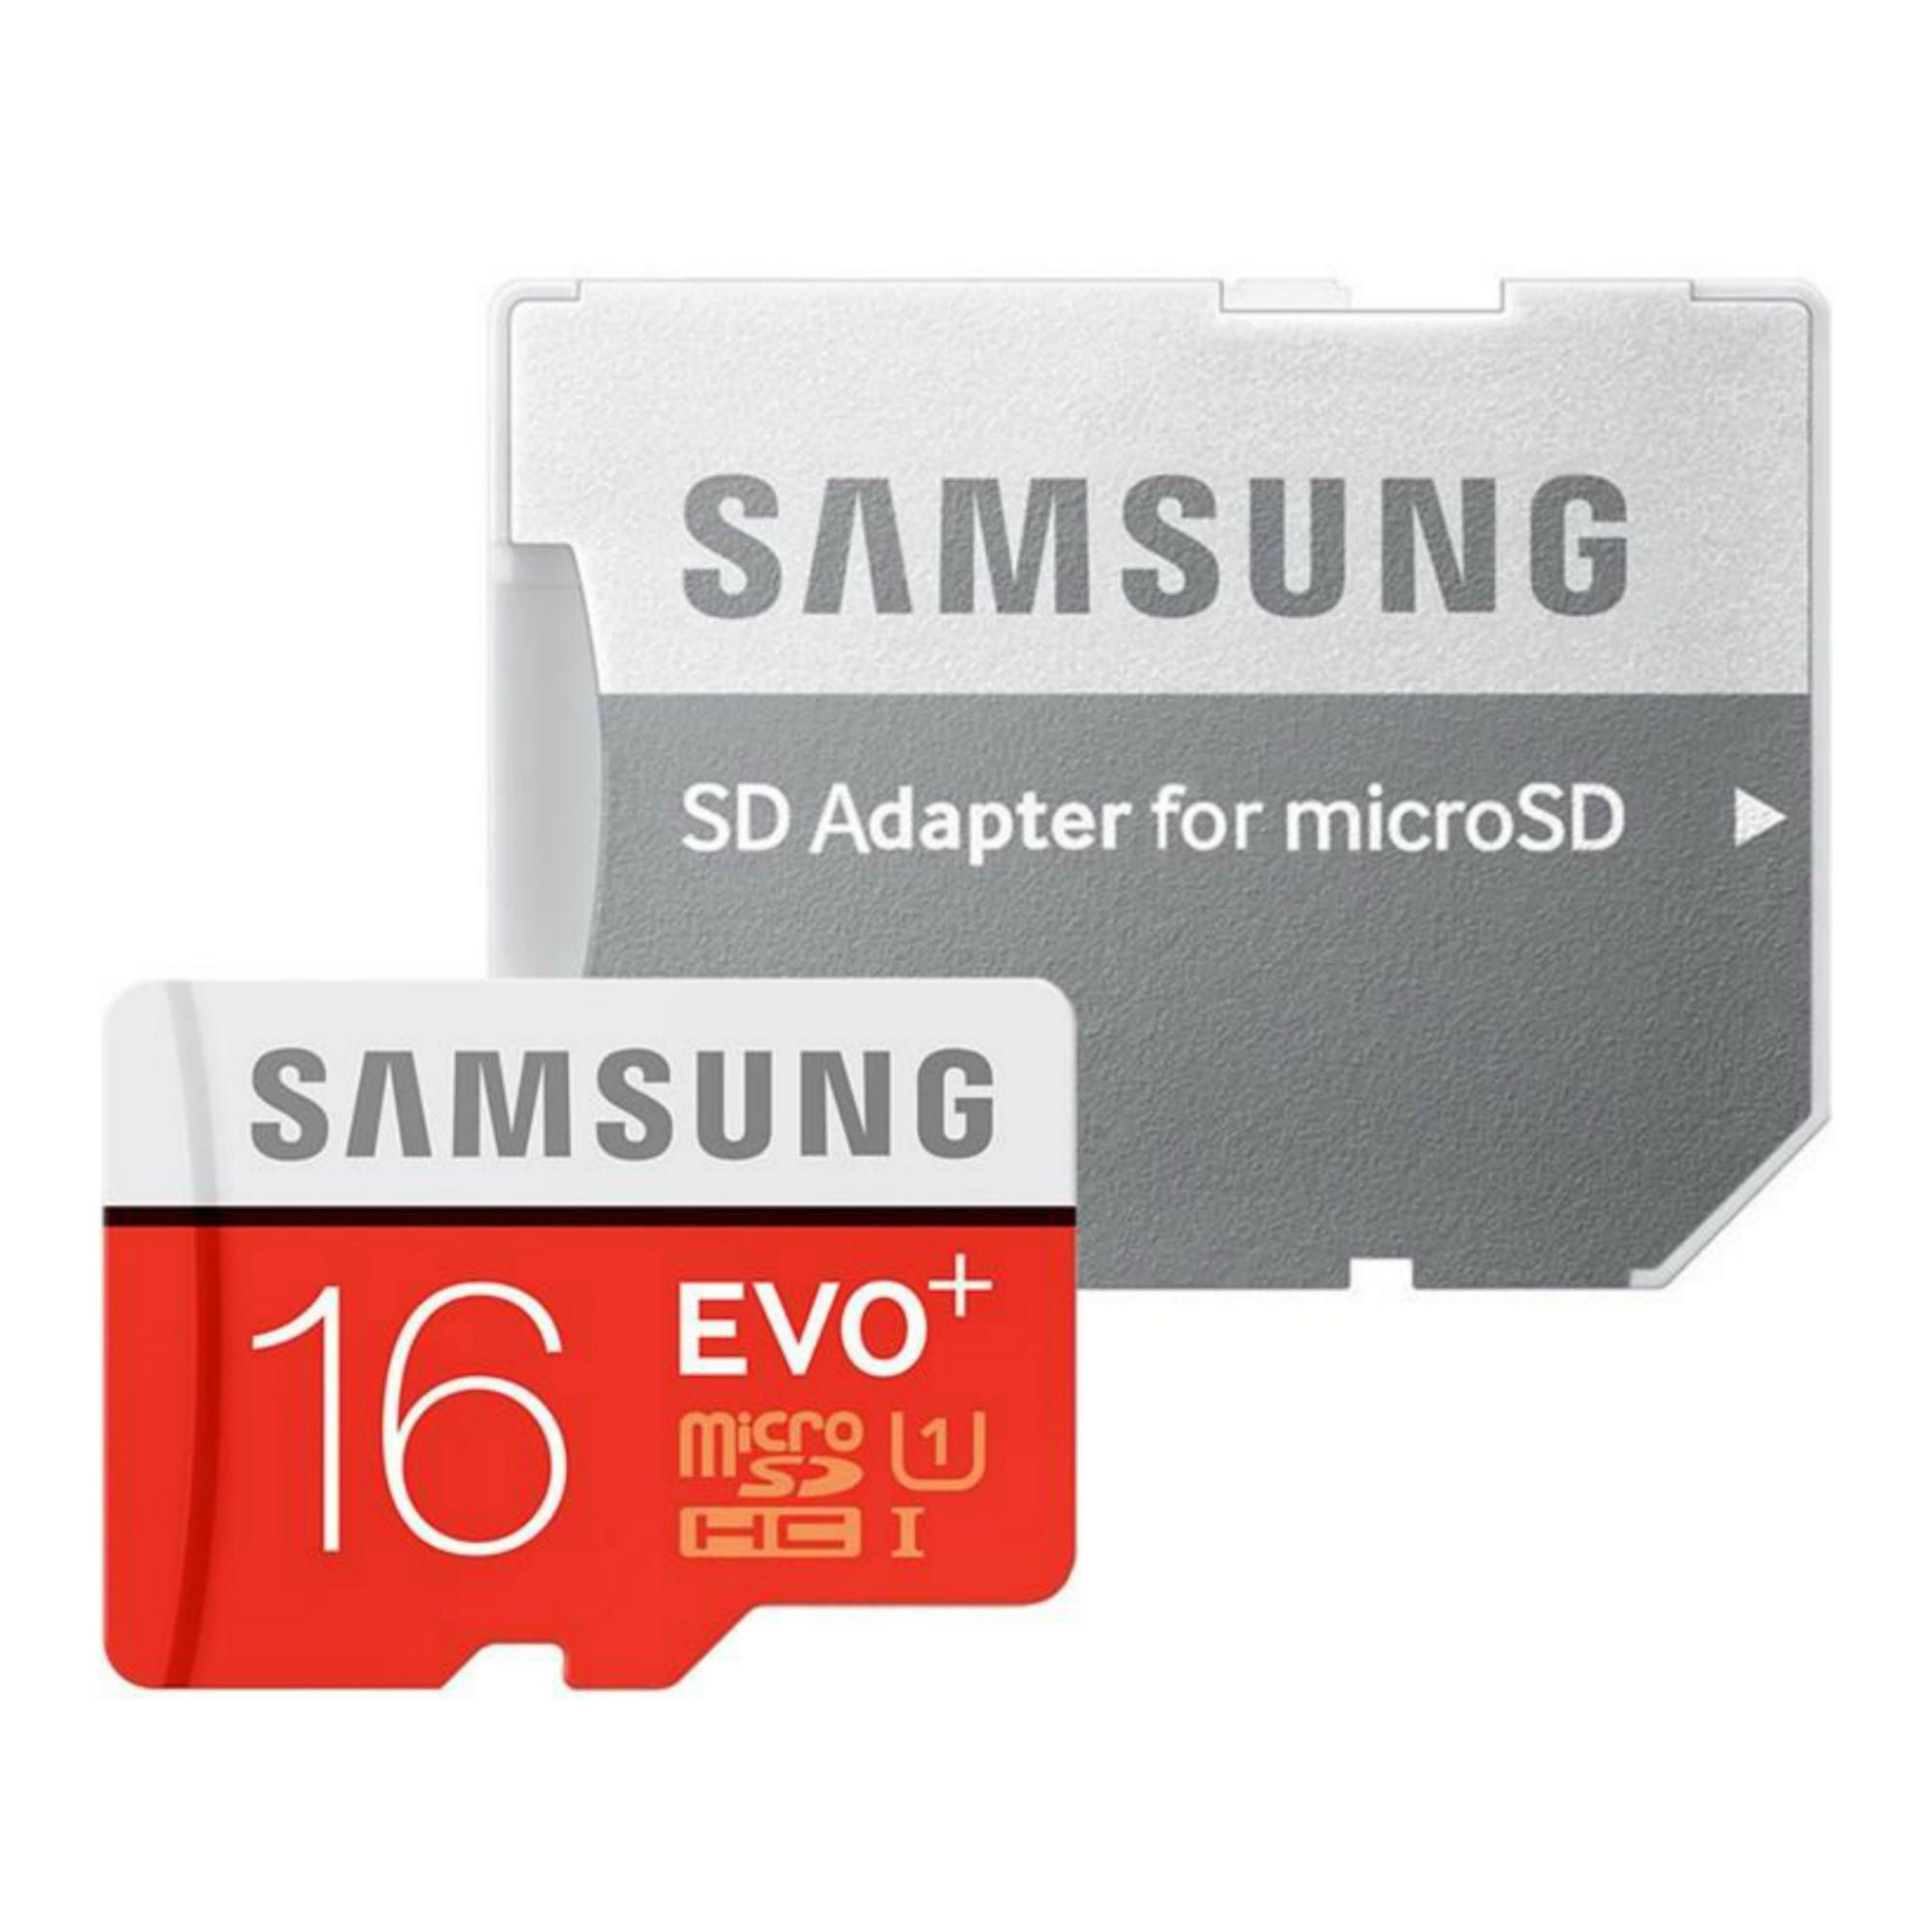 کارت حافظه microSDHC  مدل Evo Plus کلاس 10 استاندارد UHS-I U1 سرعت 100MBps همراه با آداپتور SD ظرفیت 16 گیگابایت